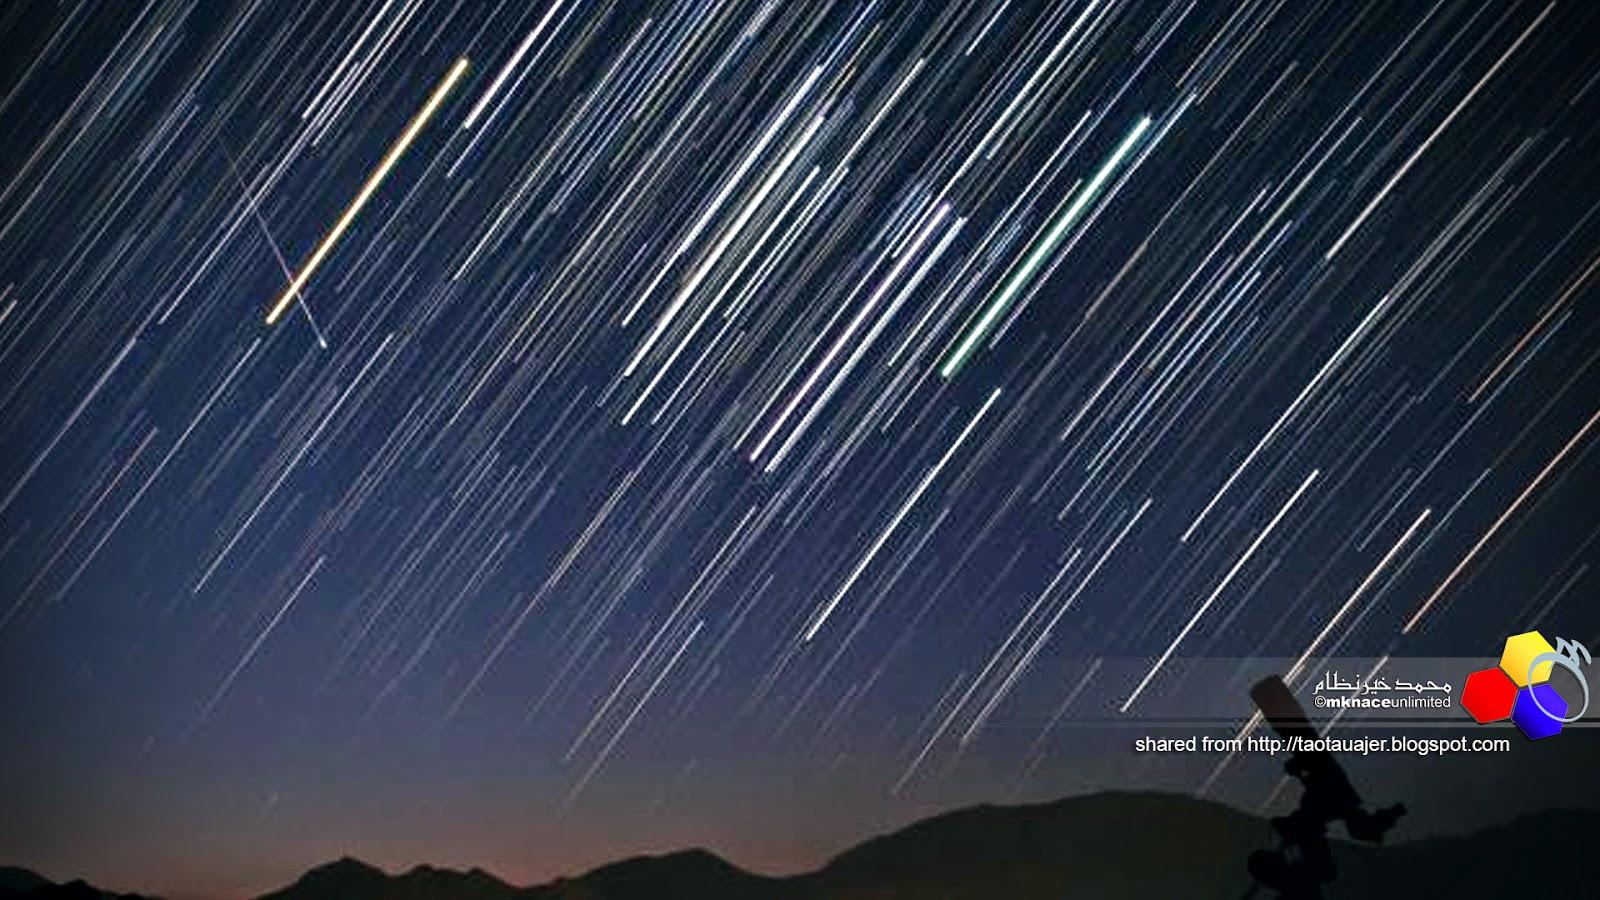 Hujan meteor boleh dilihat pada 23, 24 Mei ini